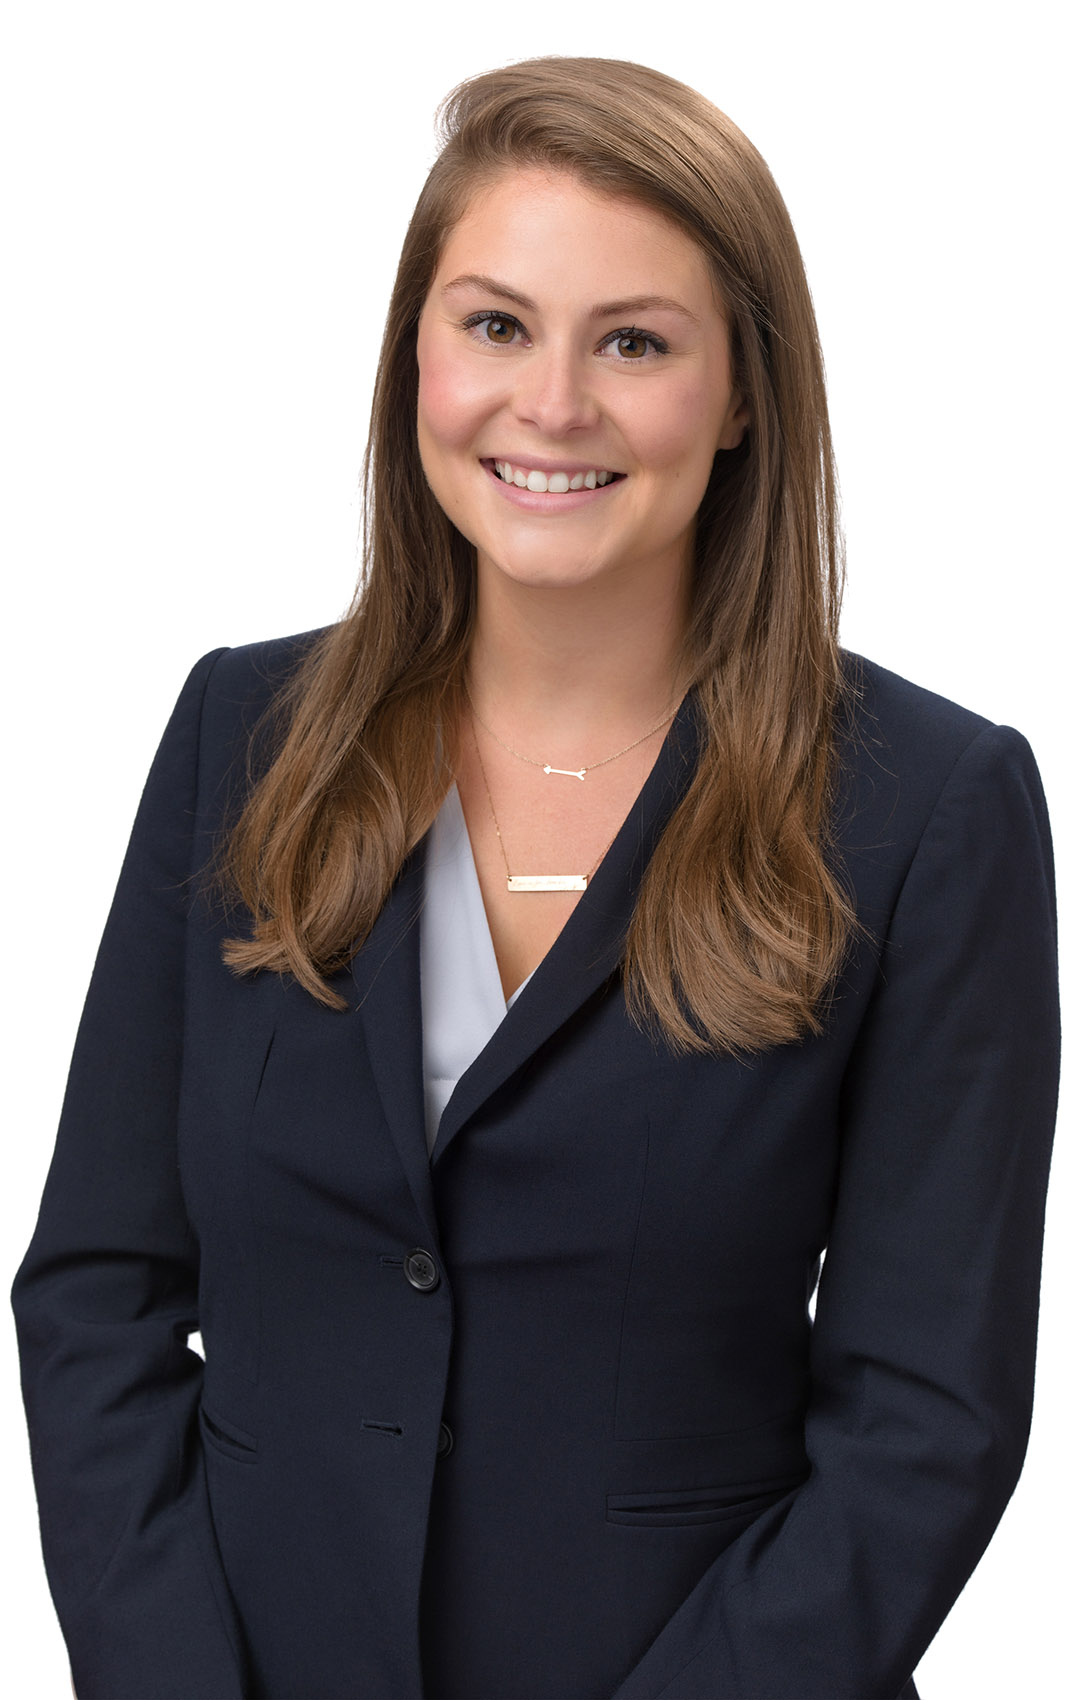 Megan C. Walker